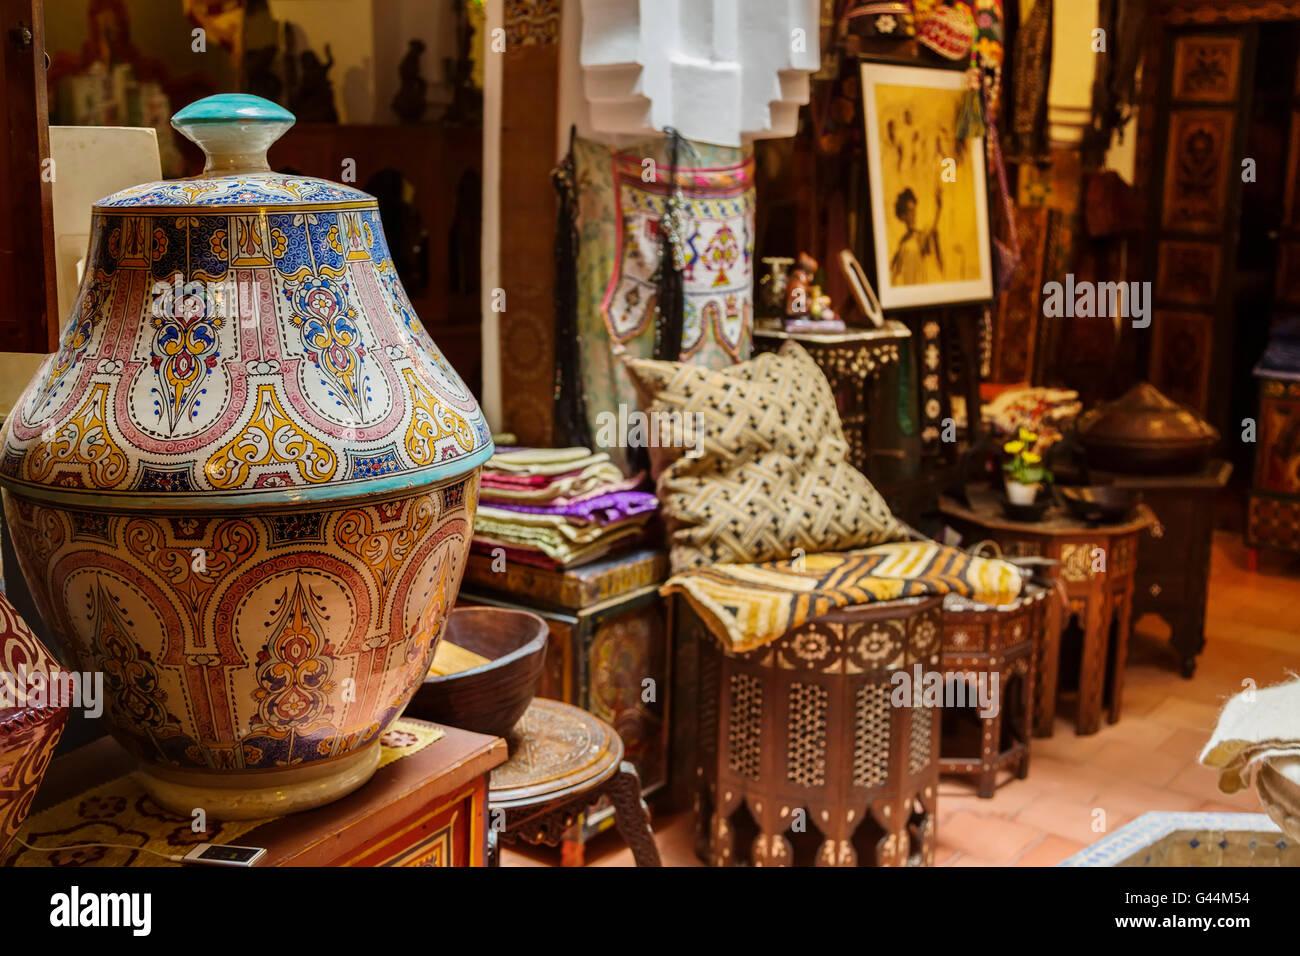 Commerciante d'antiquariato e souvenir shop. Medina Grand Socco, il grande souk, città vecchia Tangeri. Immagini Stock